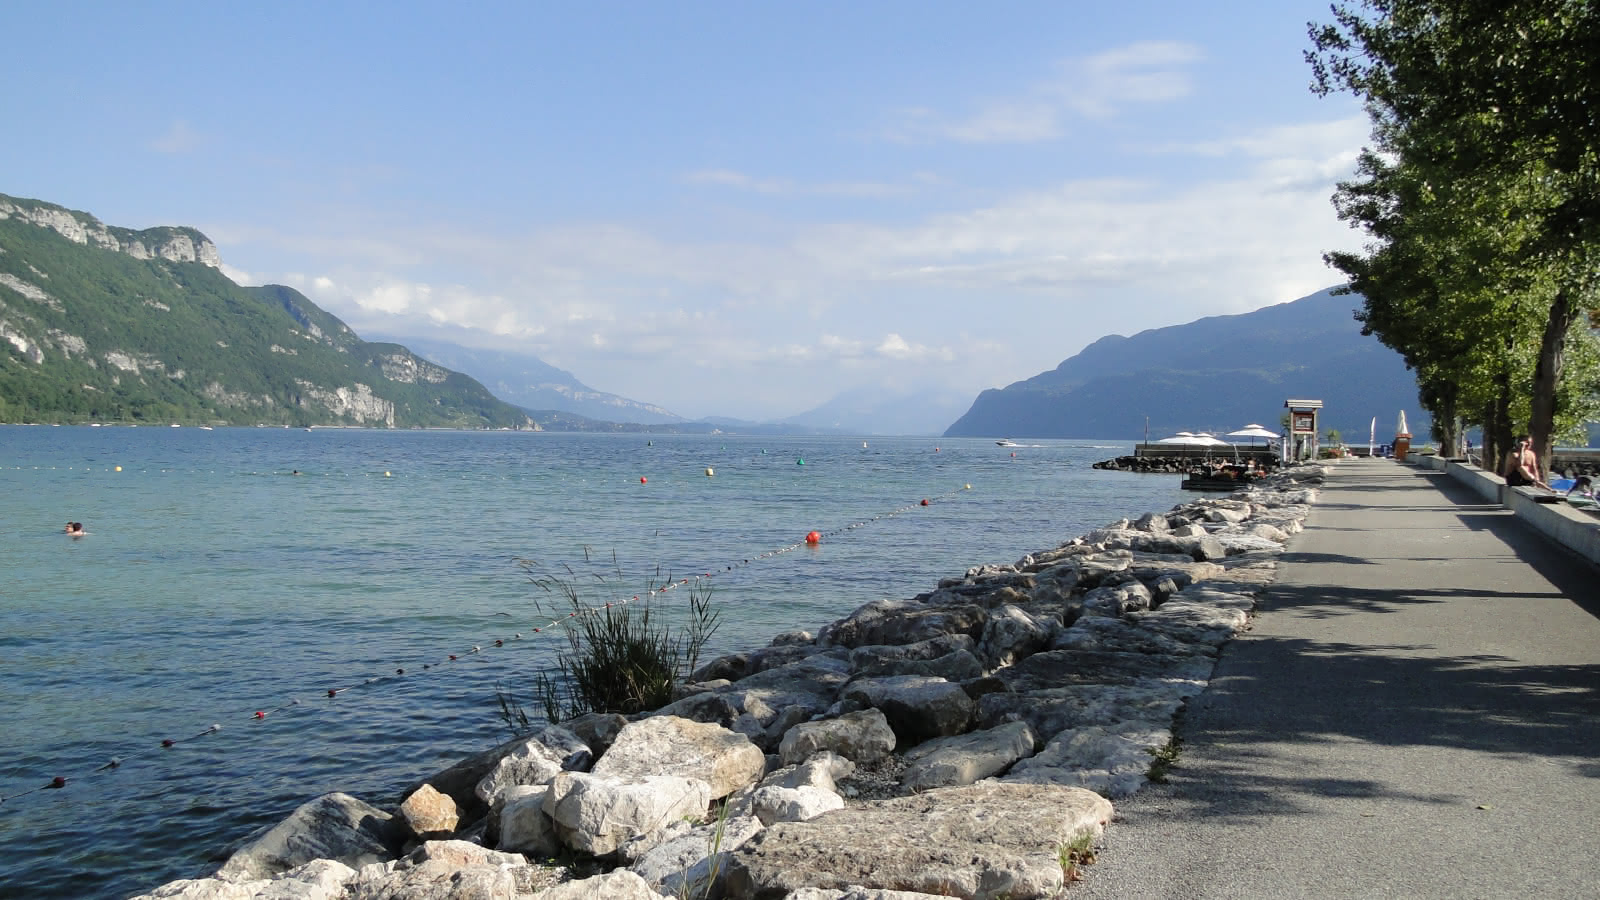 Plage du Chatillon, lac du Bourget